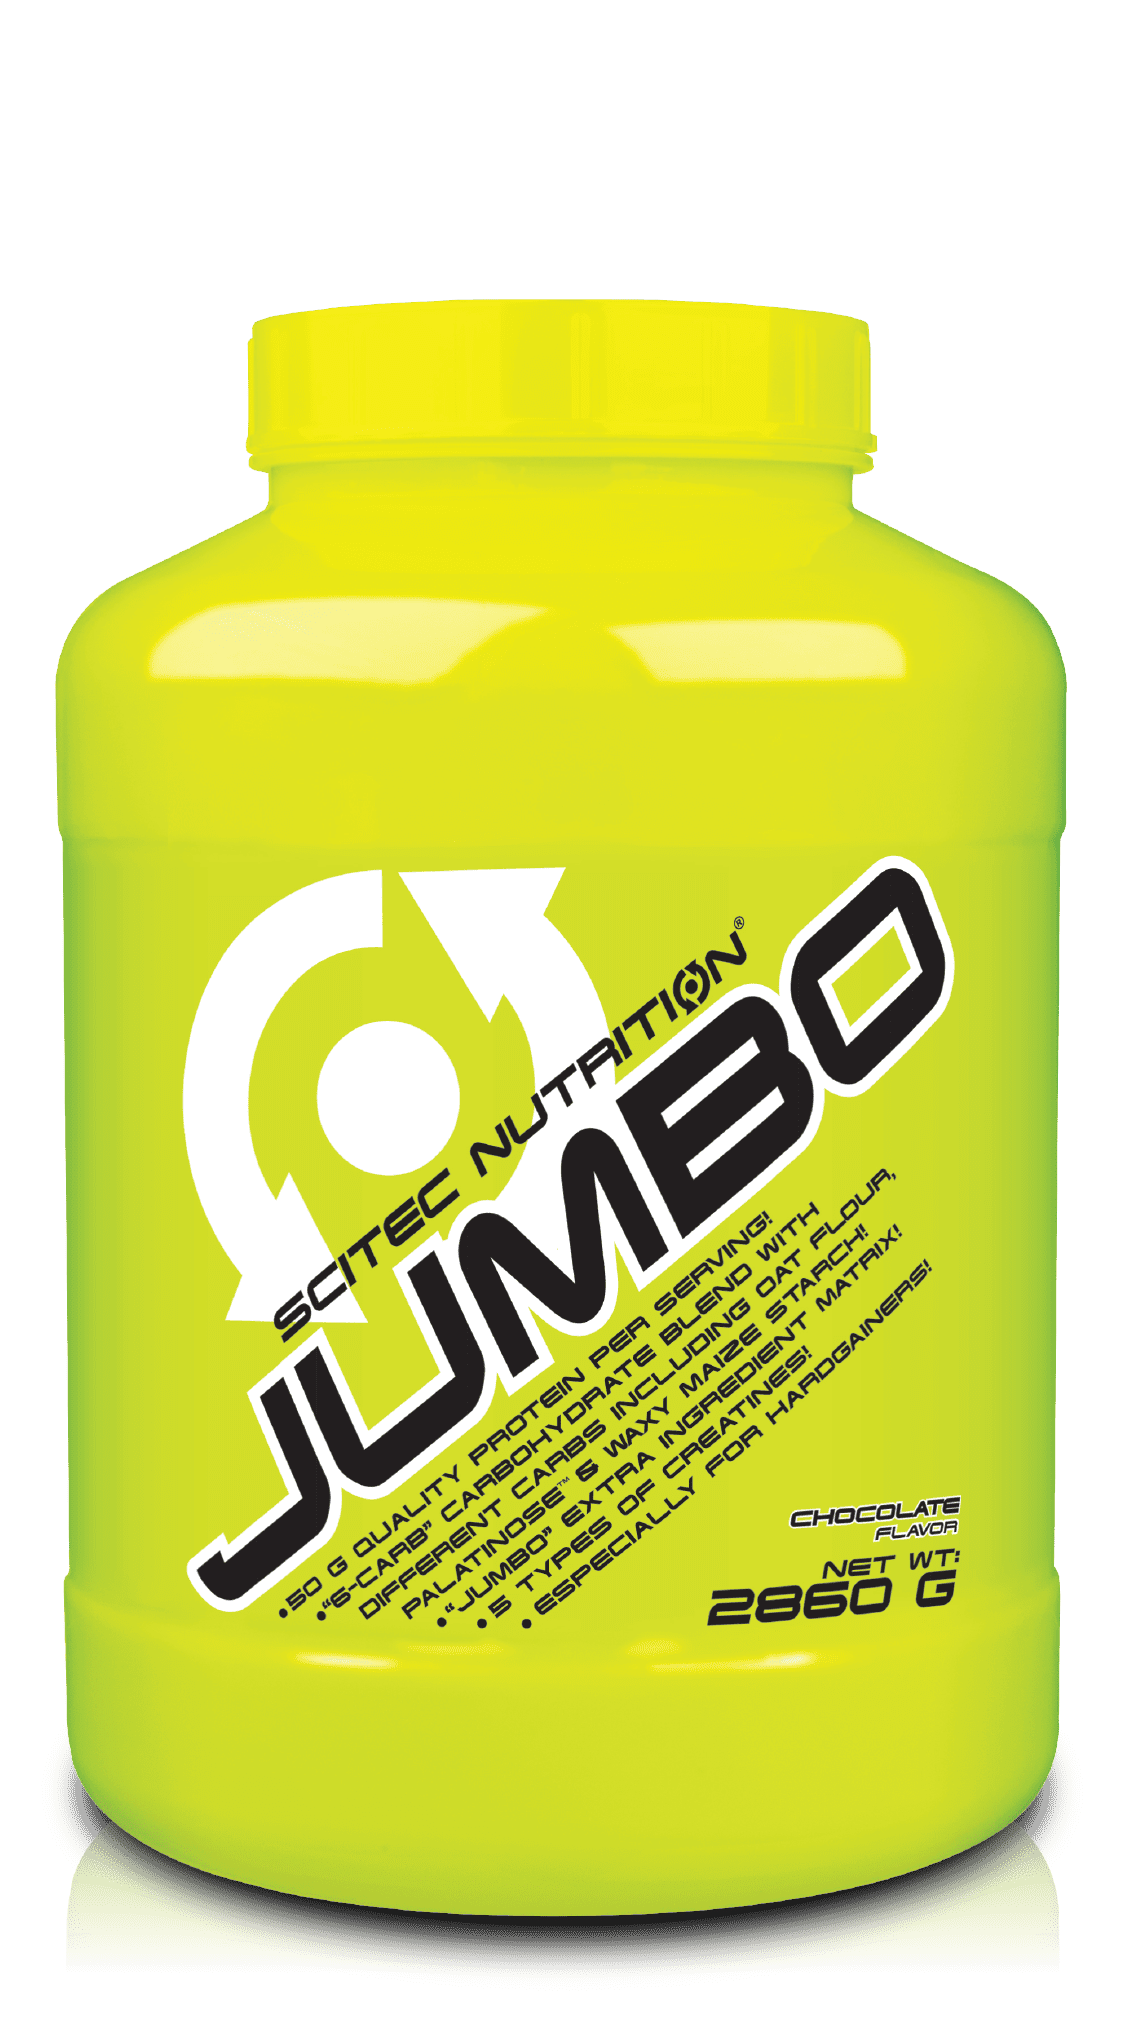 Jumbo (Mass Gainer Formula)